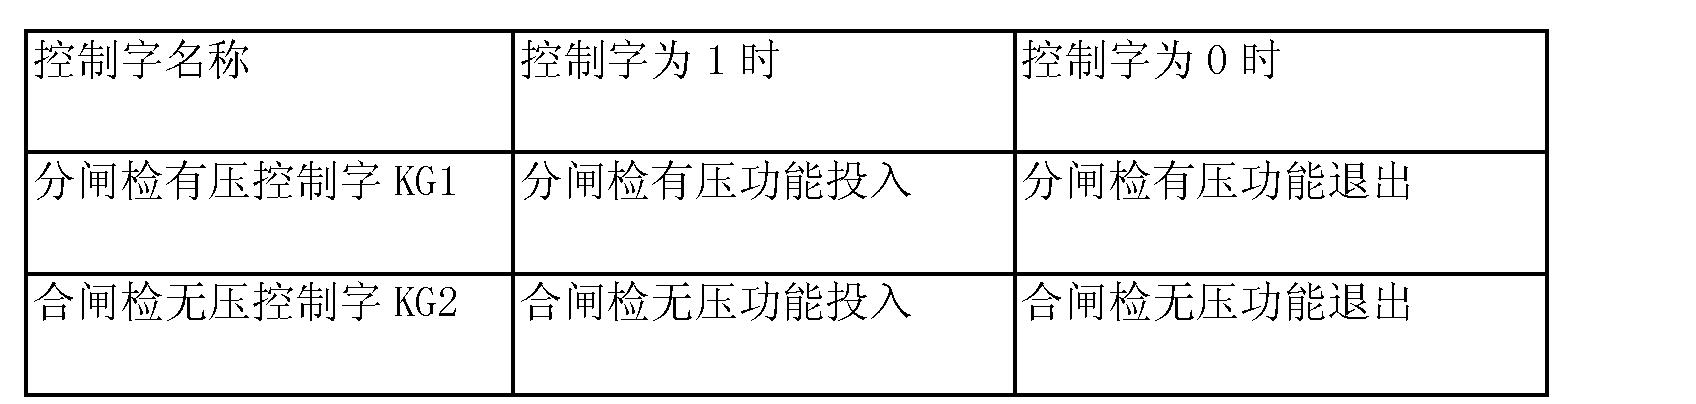 Figure CN102403783BD00201